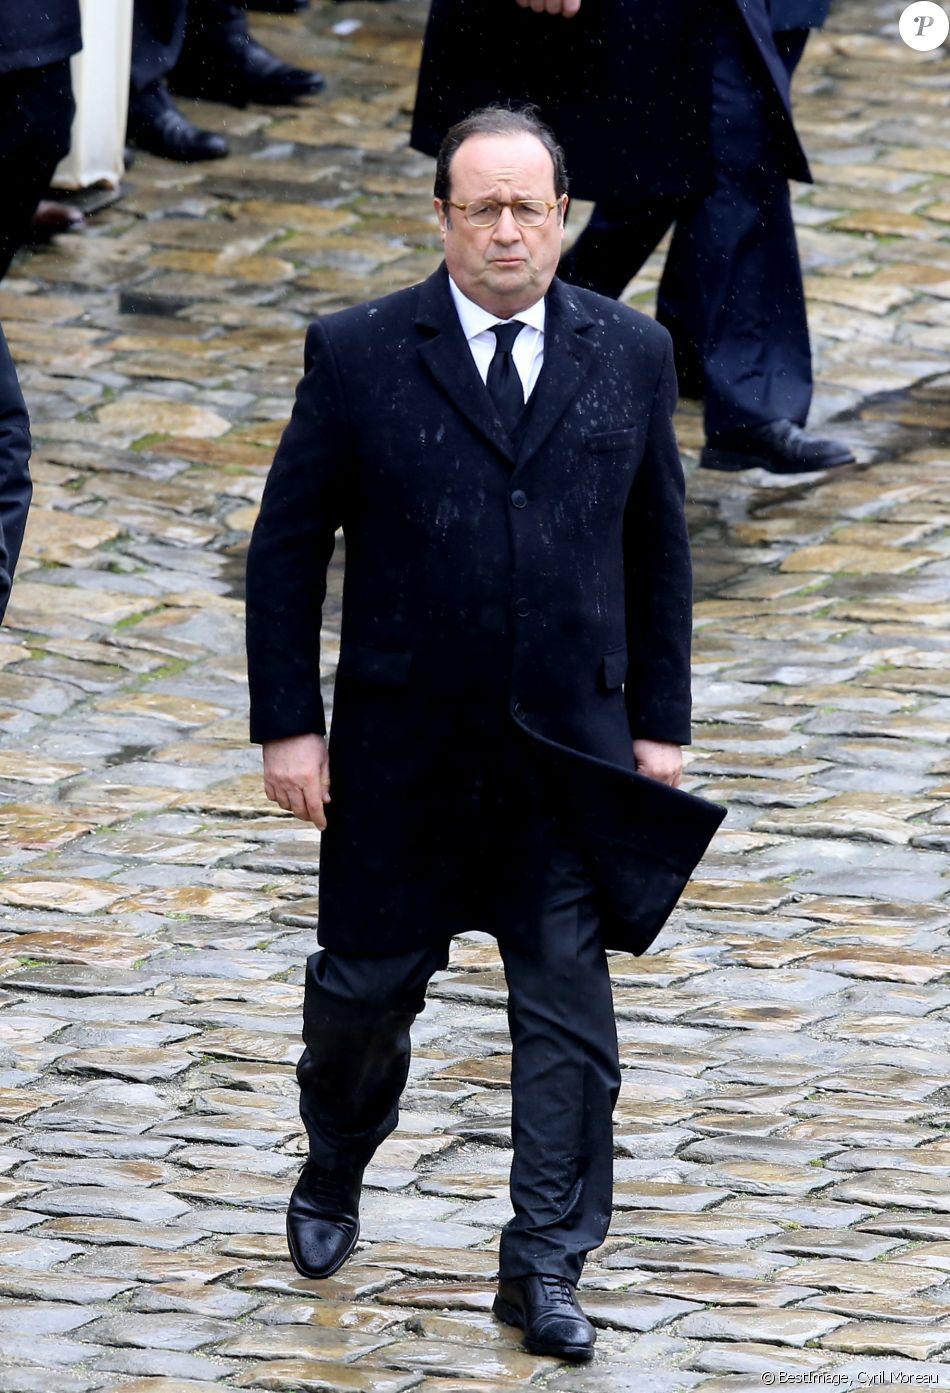 François Hollande - Hommage national au lieutenant-colonel de gendarmerie Arnaud Beltrame aux Invalides à Paris. Le 28 mars 2018. © Cyril Moreau / Bestimage